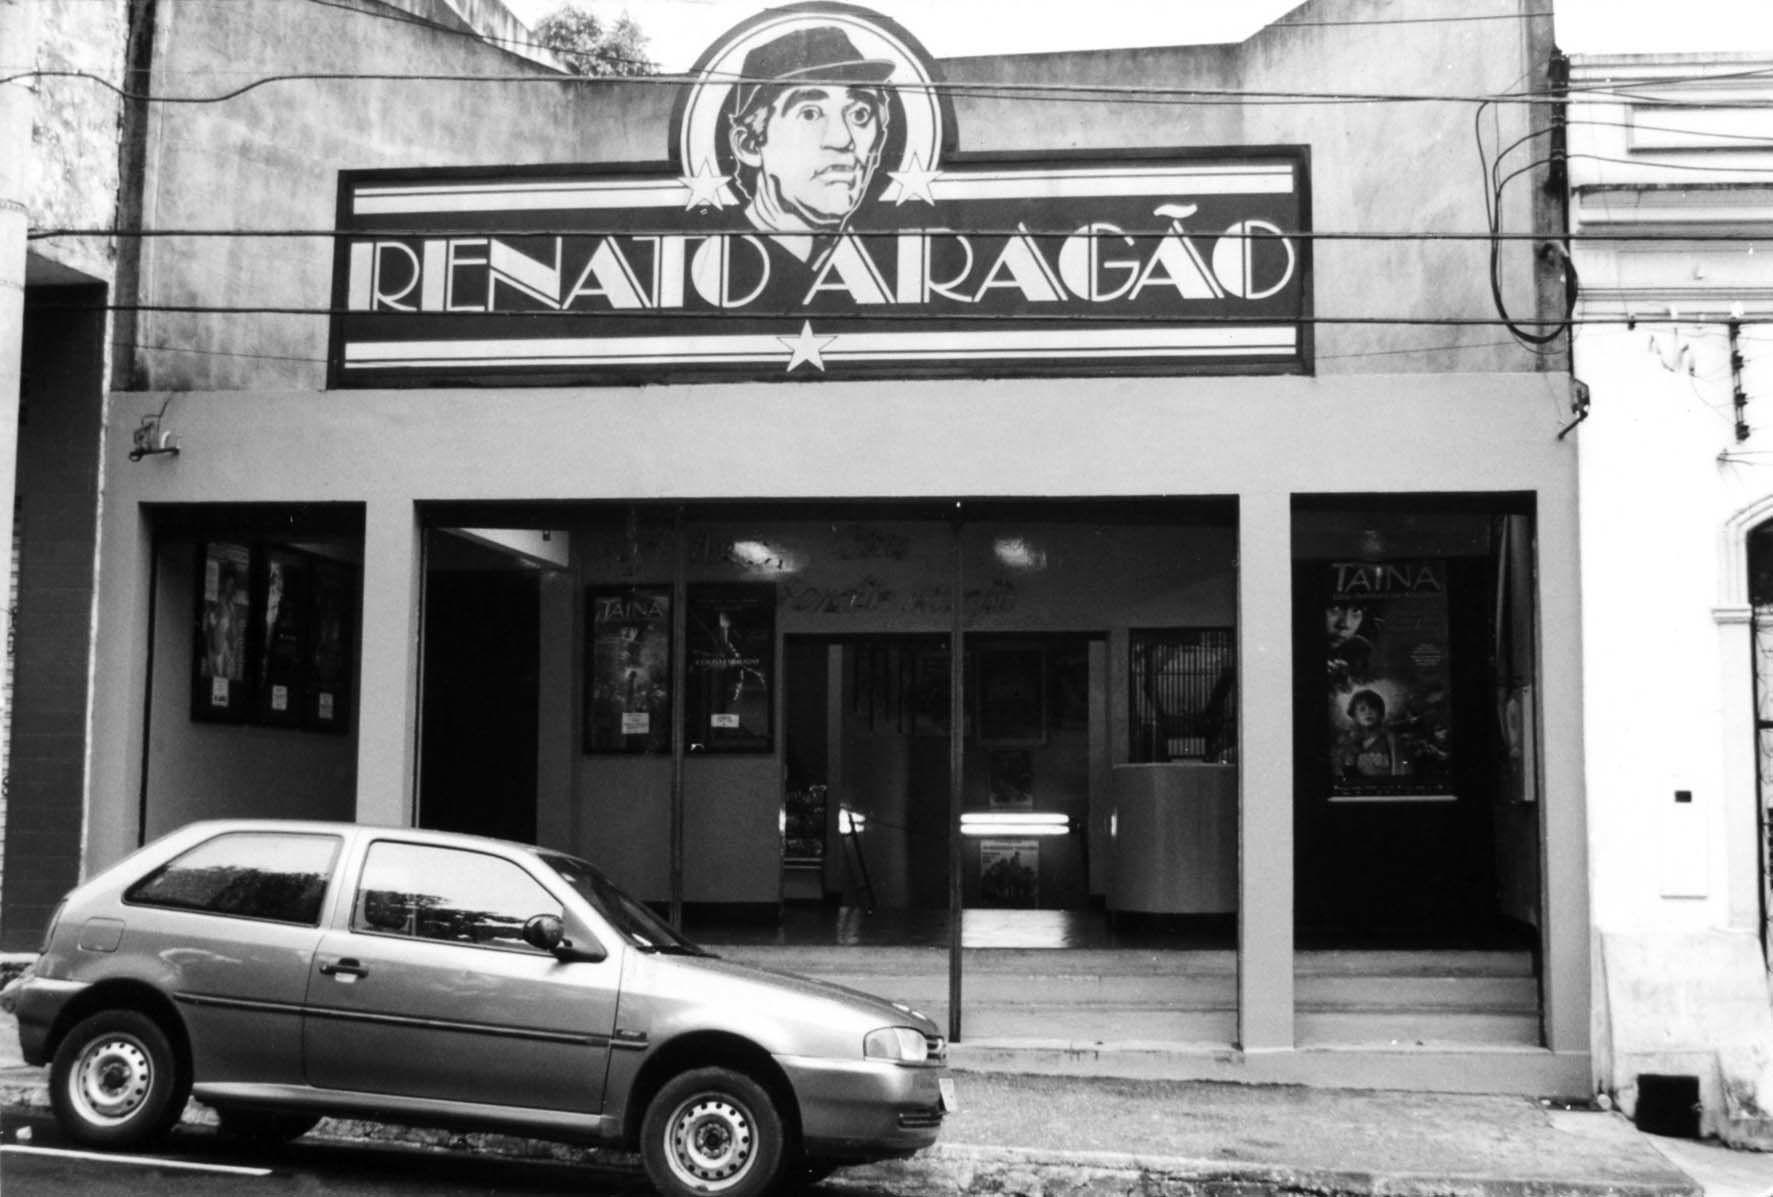 CINE RENATO ARAGÃO, EM 2000 Vista da fachada principal do Cine Renato Aragão,  em 2000. Acervo: Jornal do Commercio.